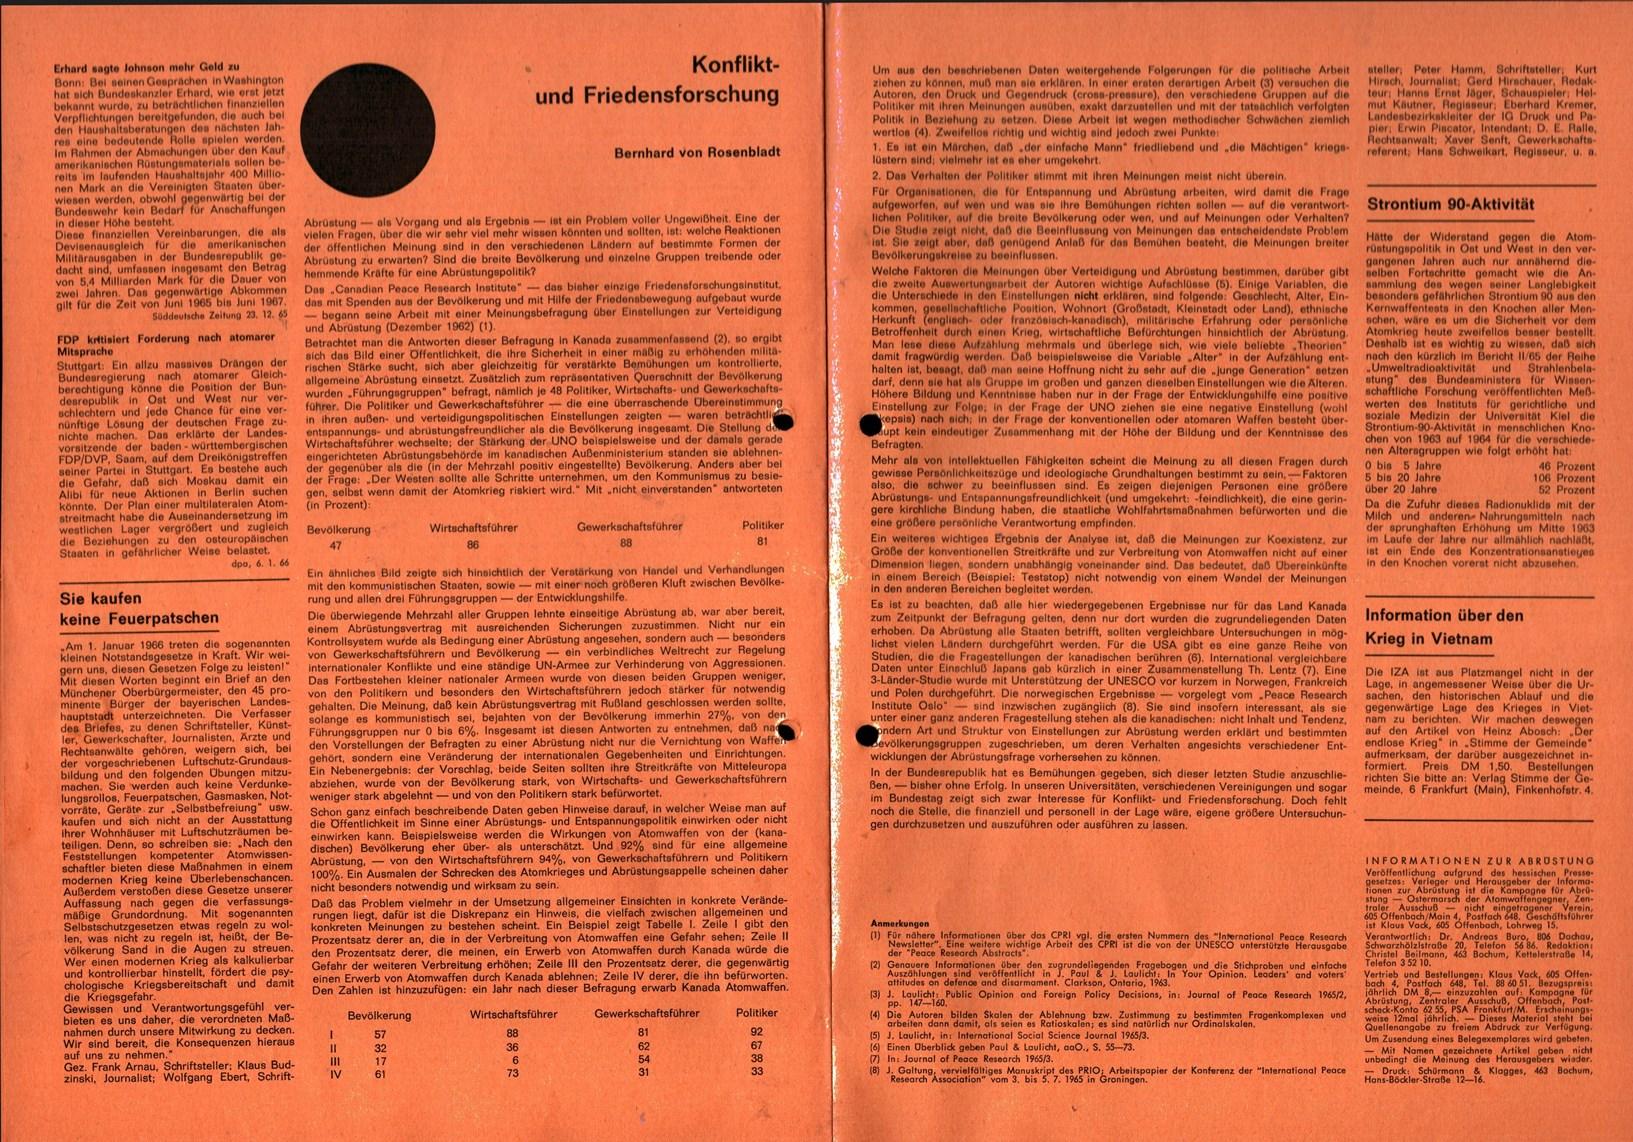 Infos_zur_Abruestung_1966_030_004